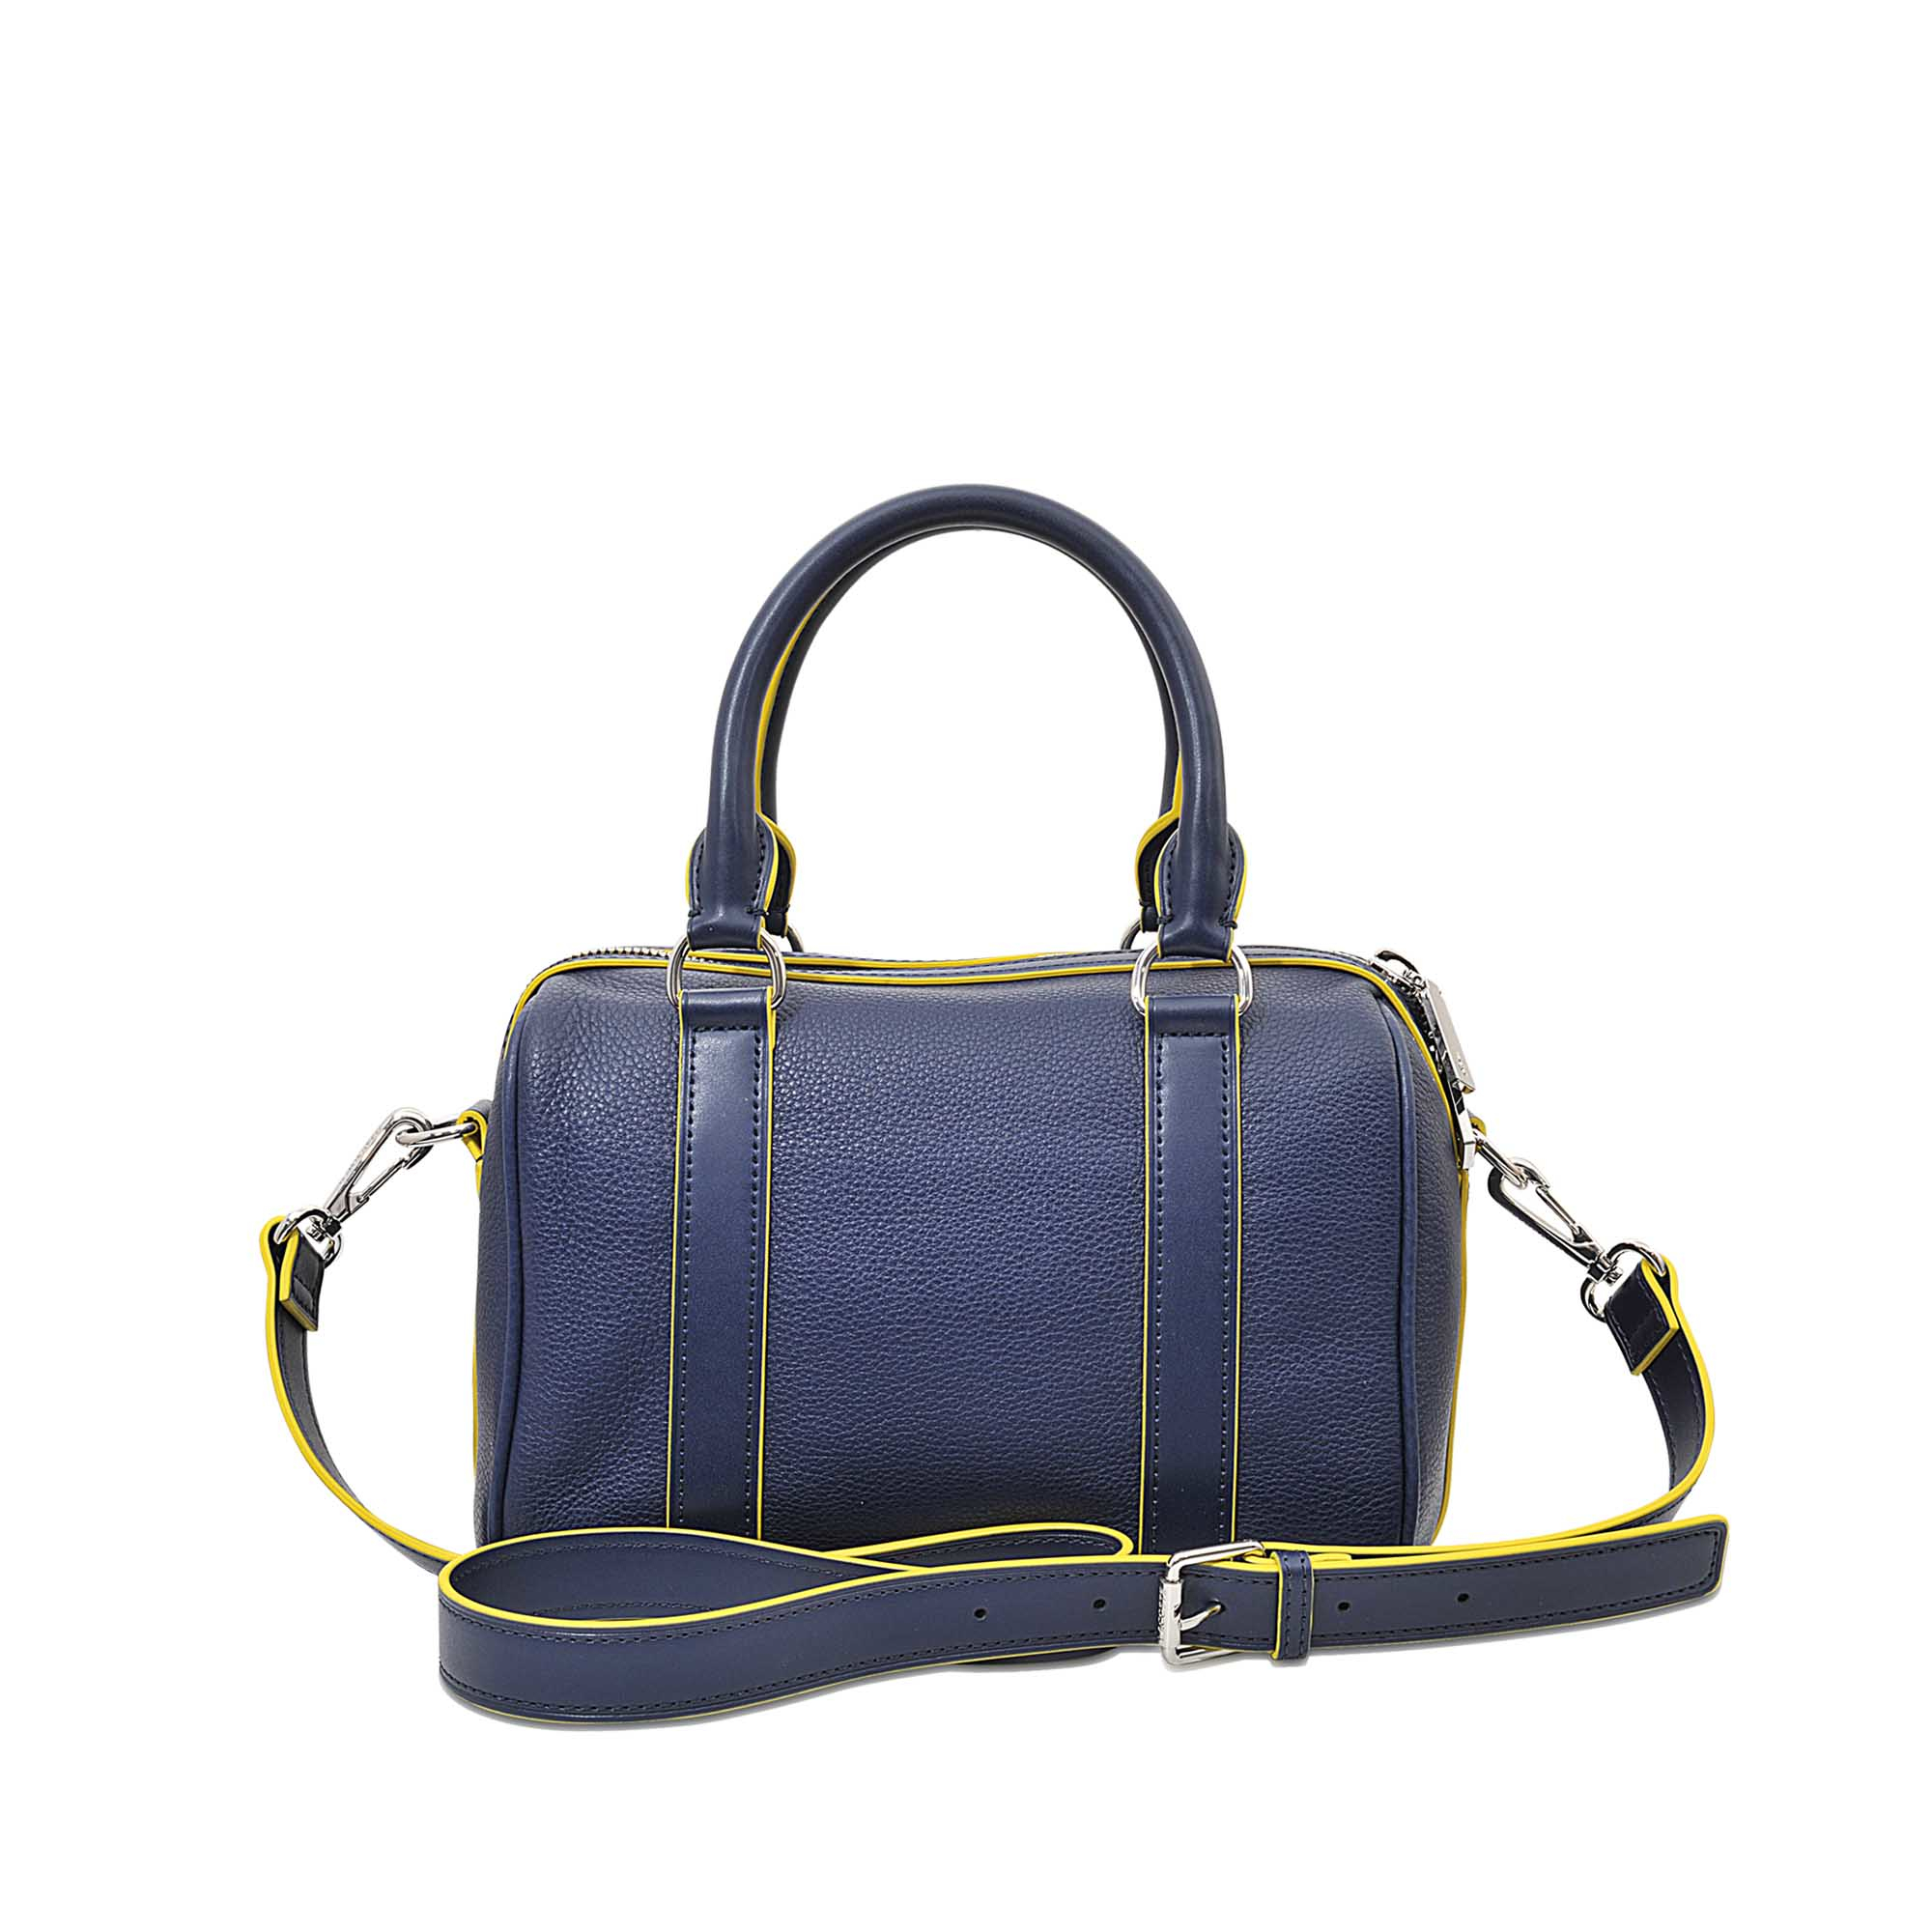 fbdd521a9aa3 Lyst - Lacoste Renée Small Boston Bag in Blue